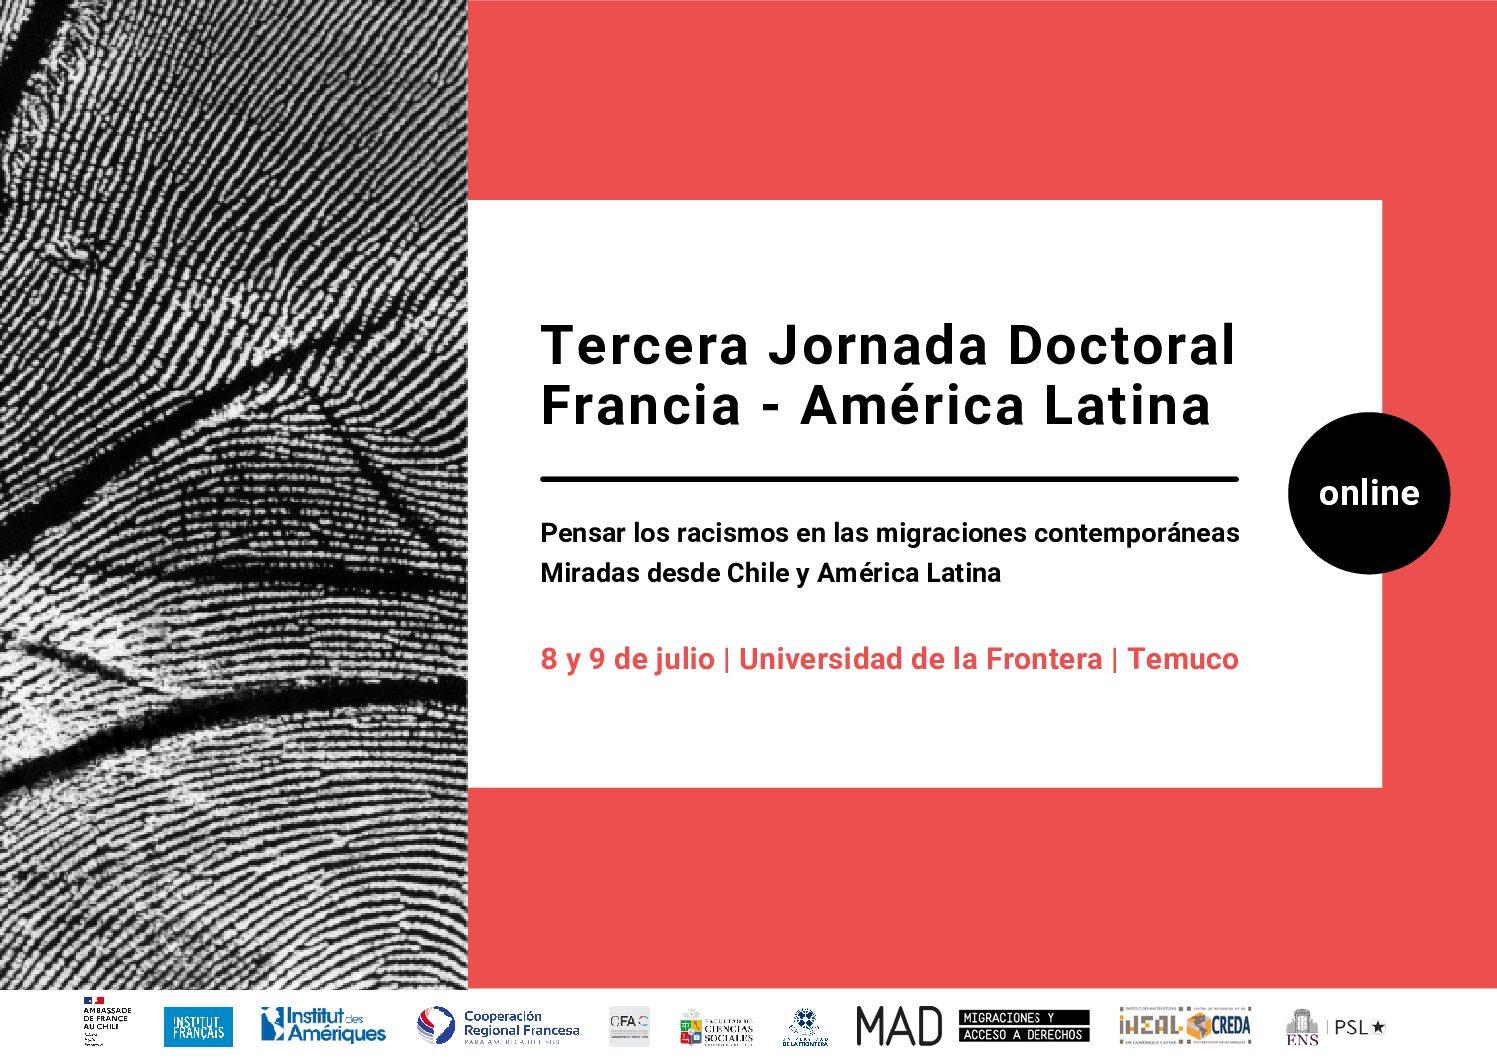 Tercera Jornada de Doctorado Francia-América Latina